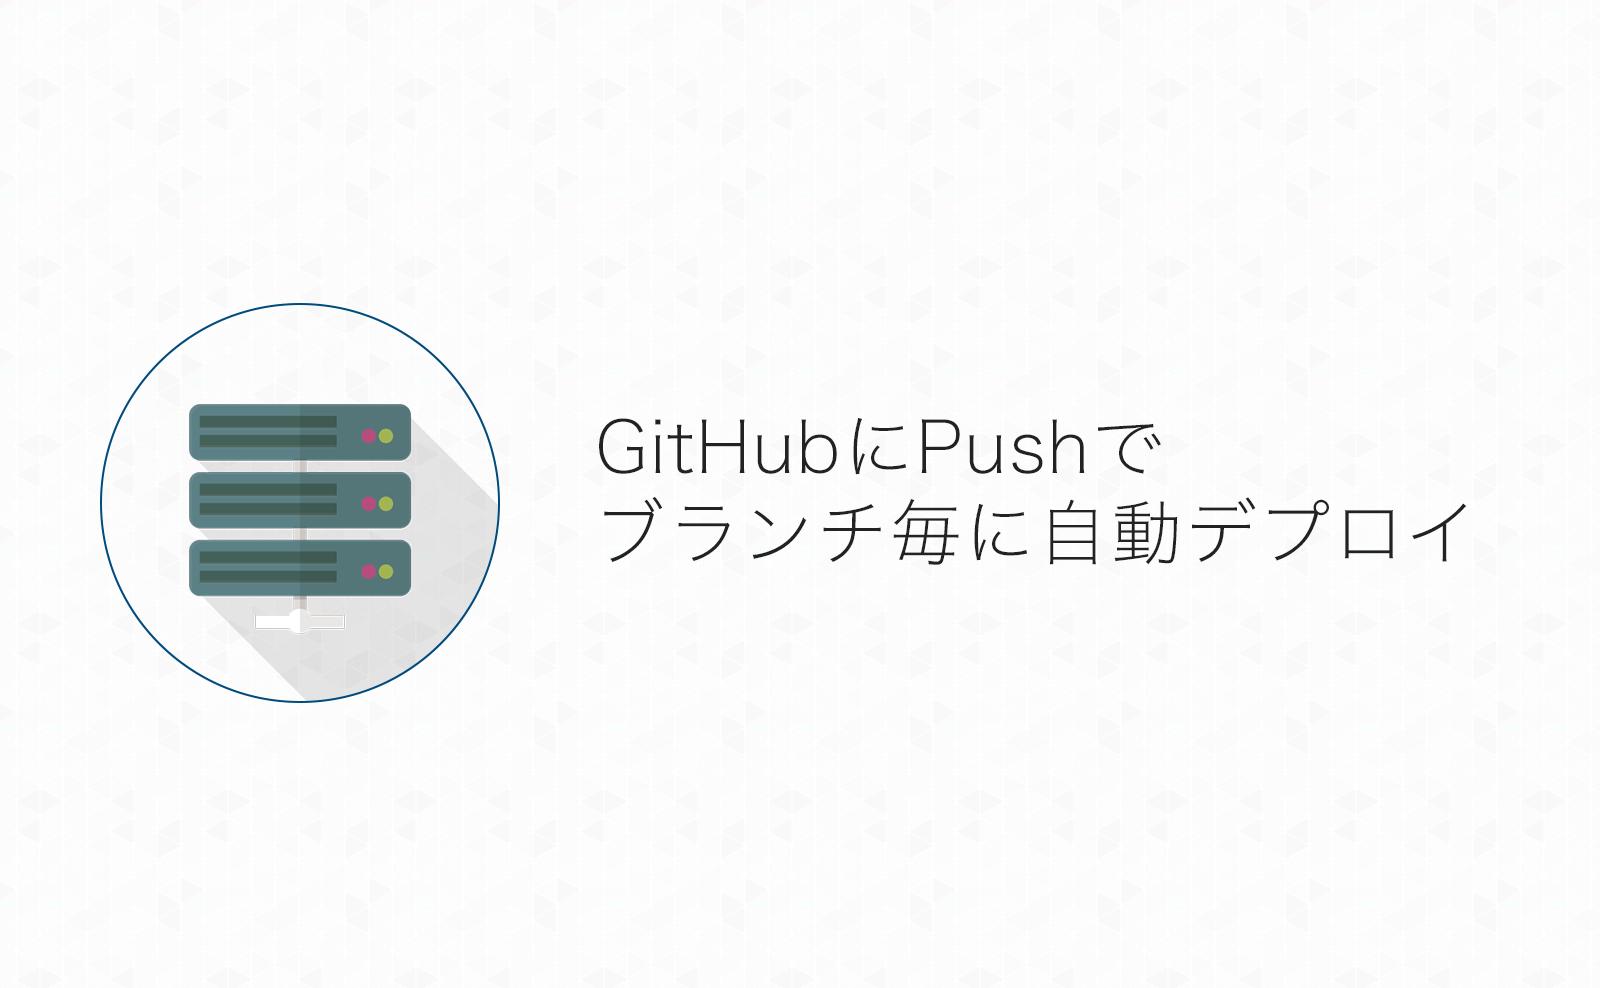 GitHubにプッシュしたらブランチ毎に自動デプロイする仕組みをXサーバー上に作ってみた